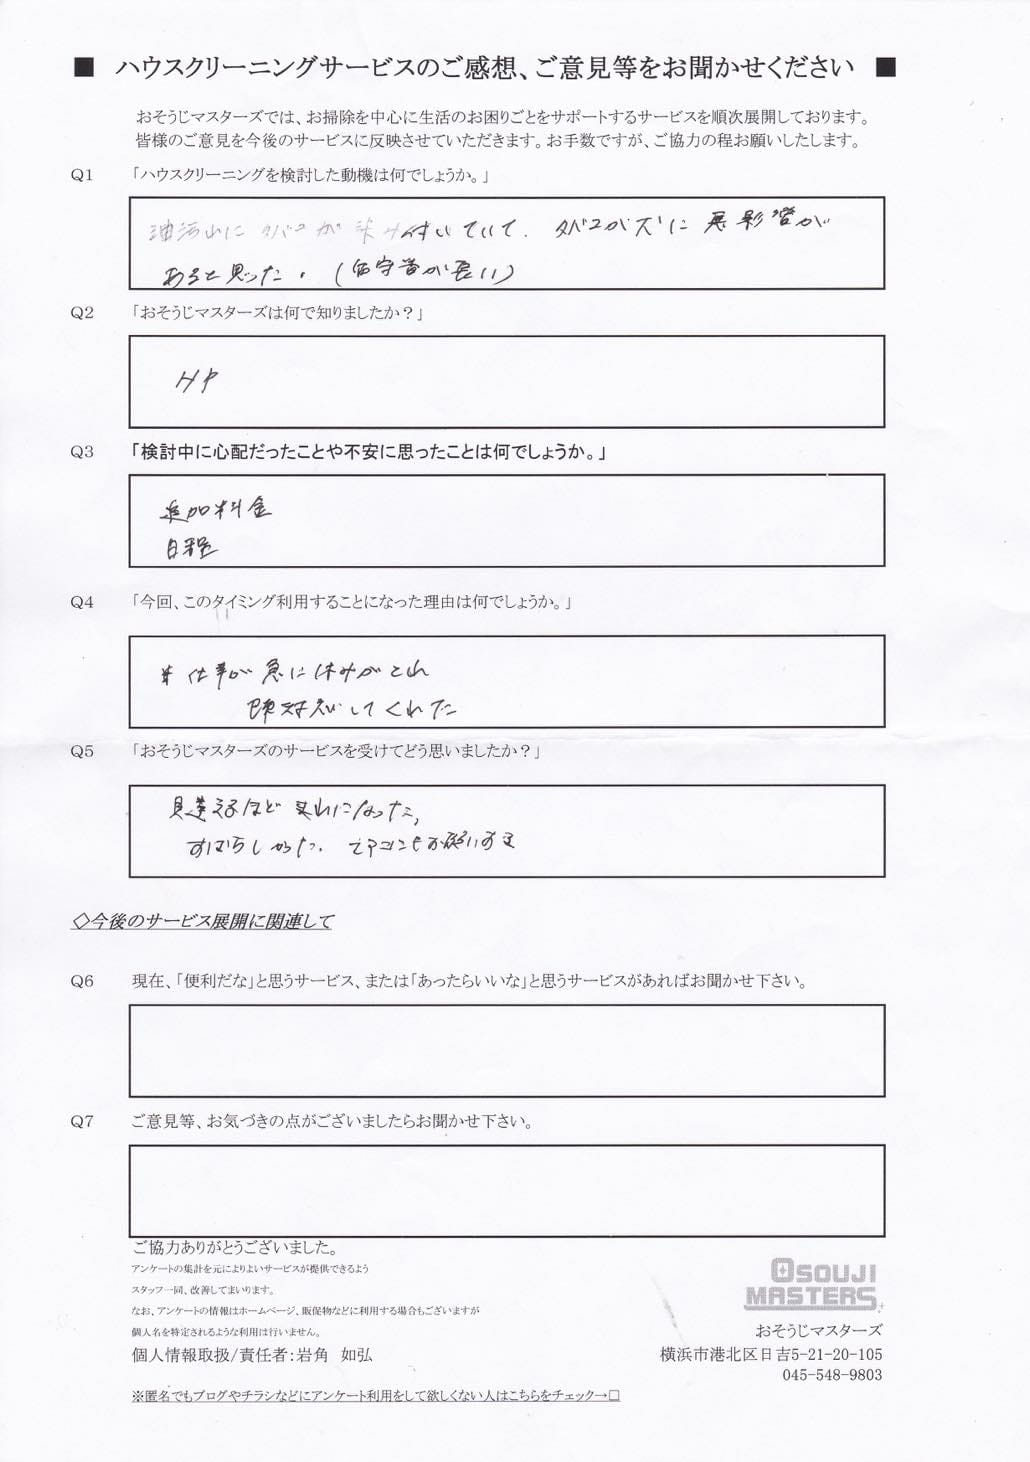 2015.05.06利用者アンケート